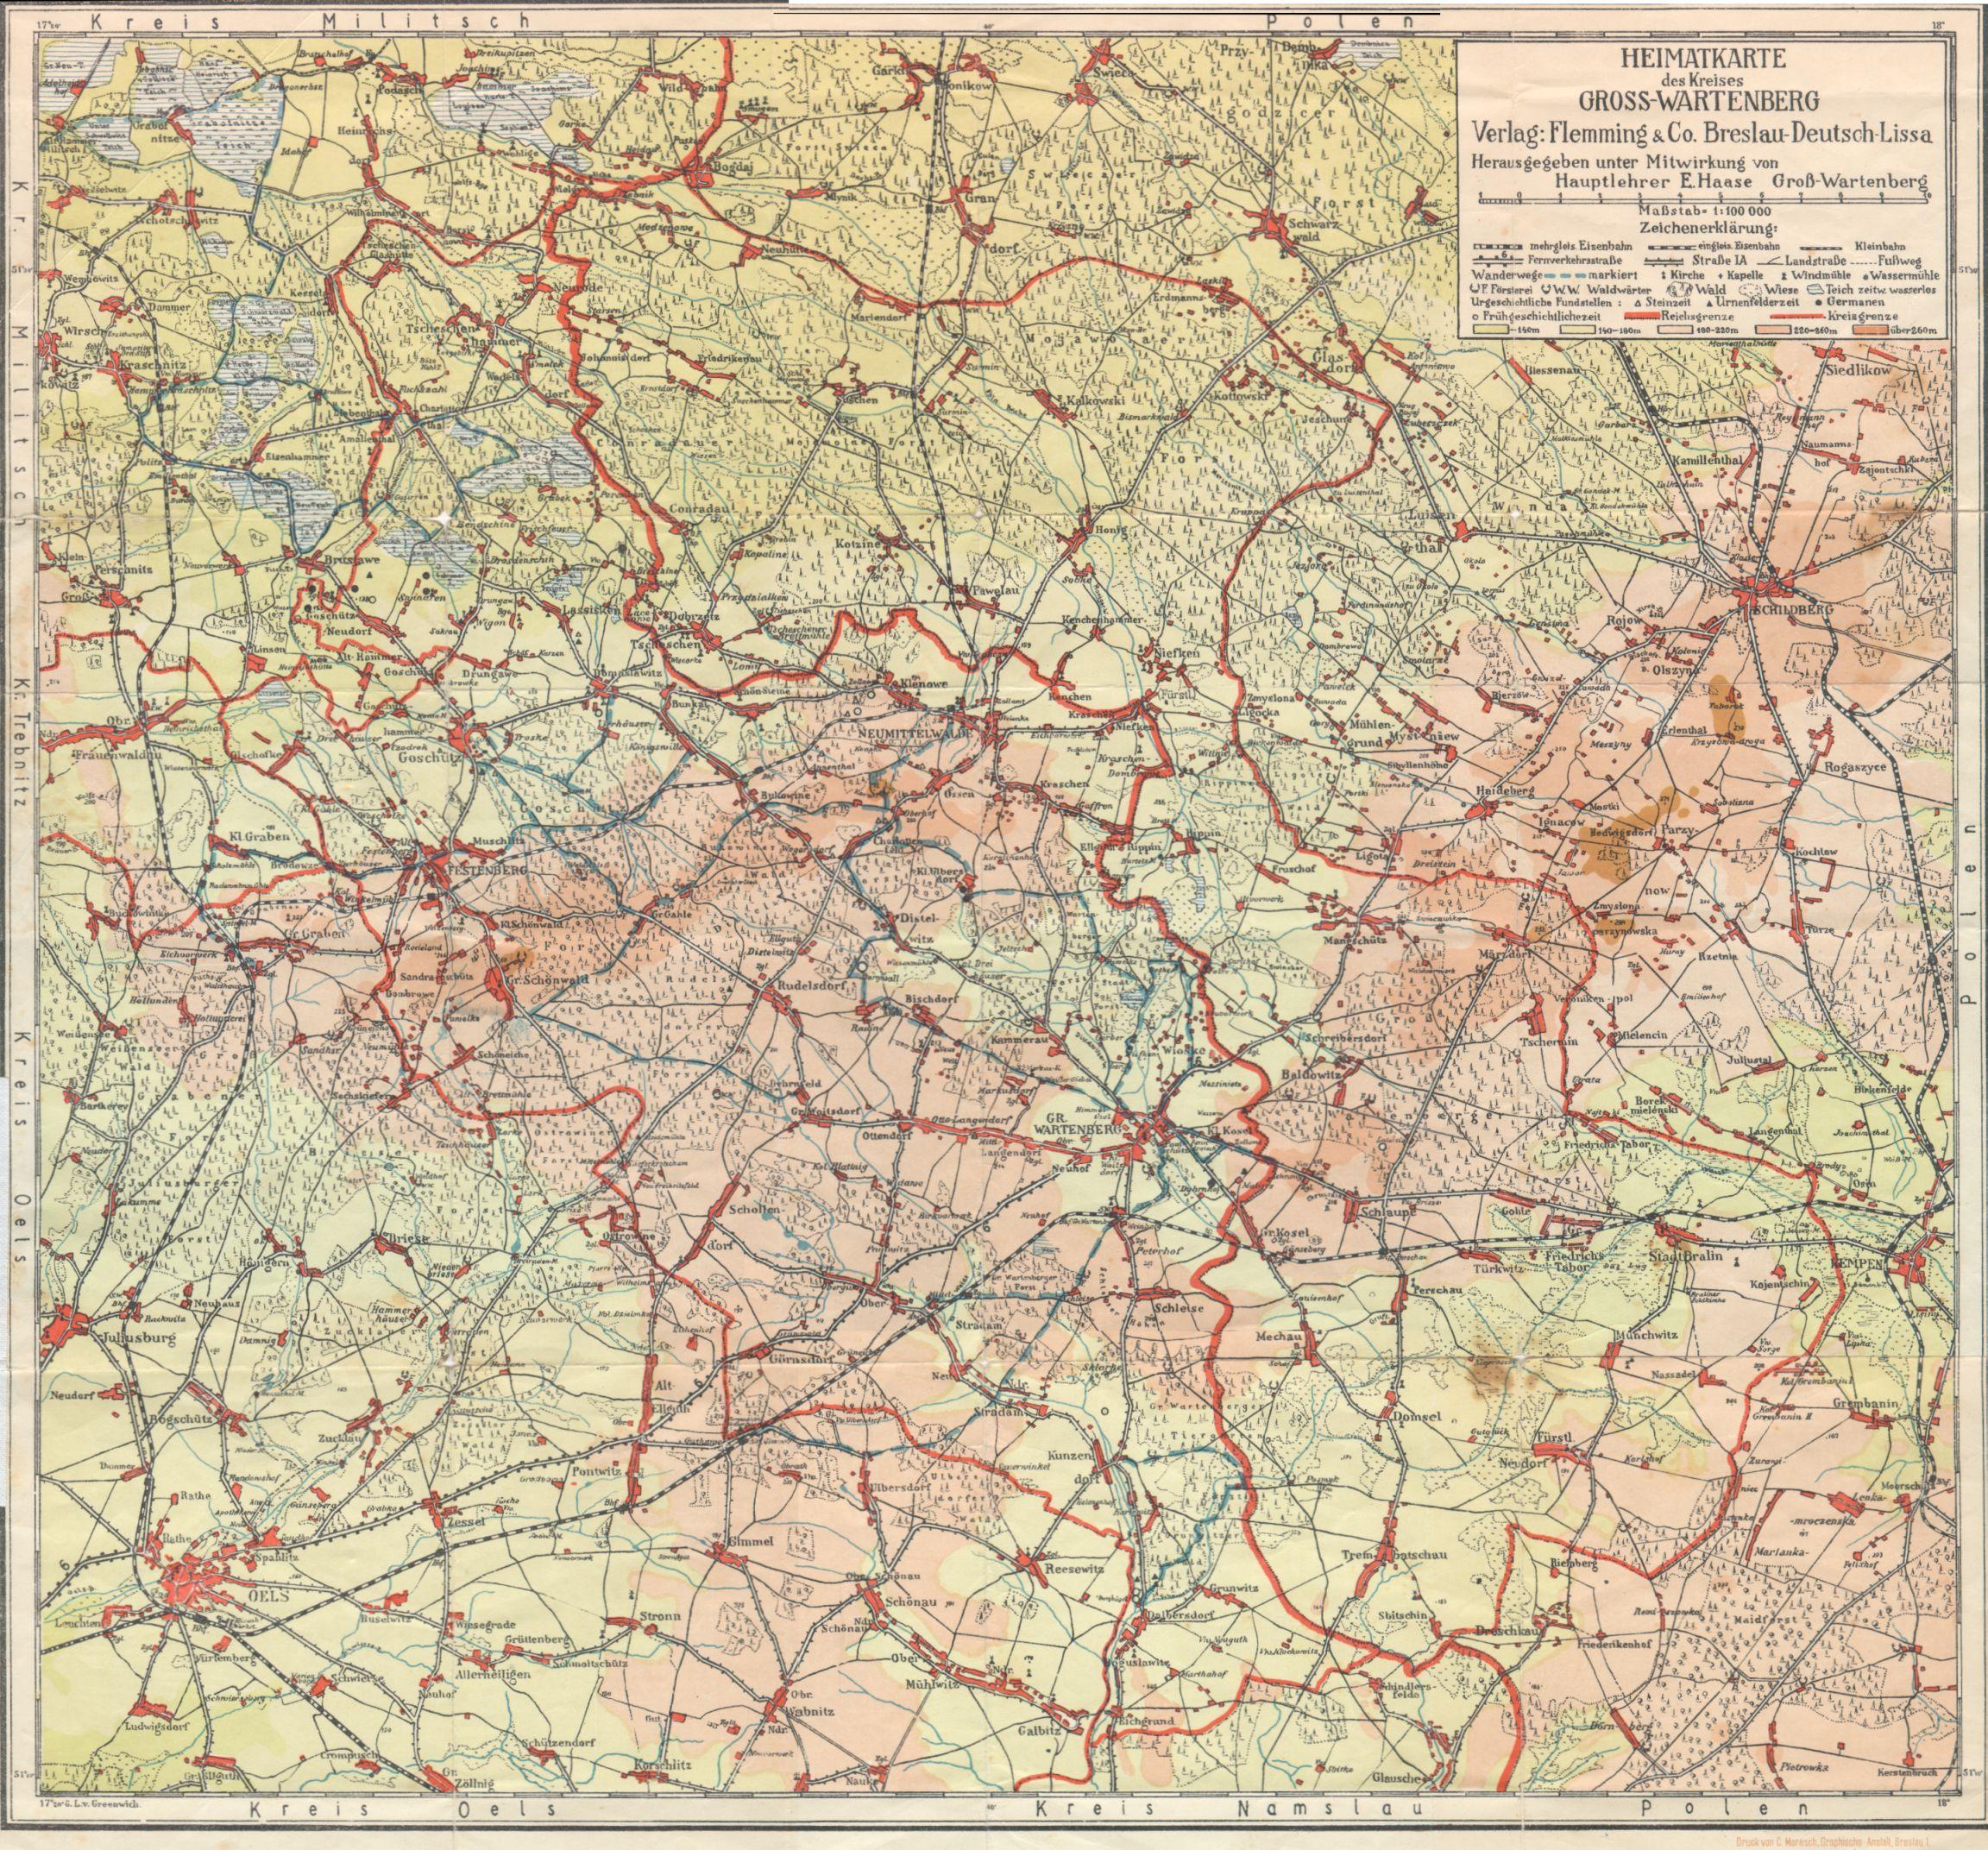 Breslau Karte 1930.Links Historische Karten Von Schlesien